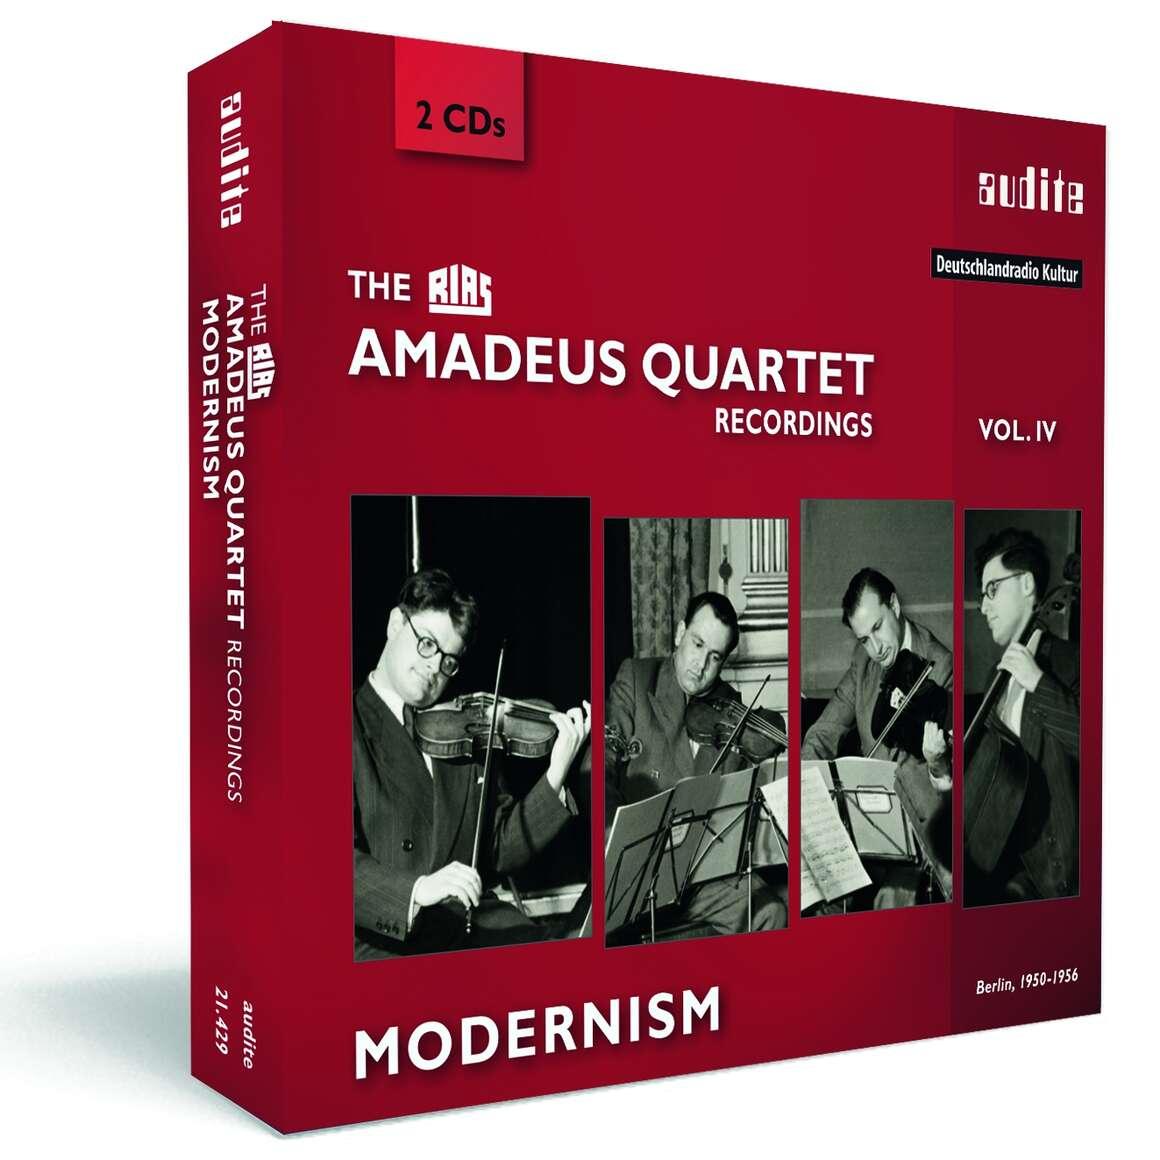 The RIAS Amadeus Quartet Recordings - Modernism